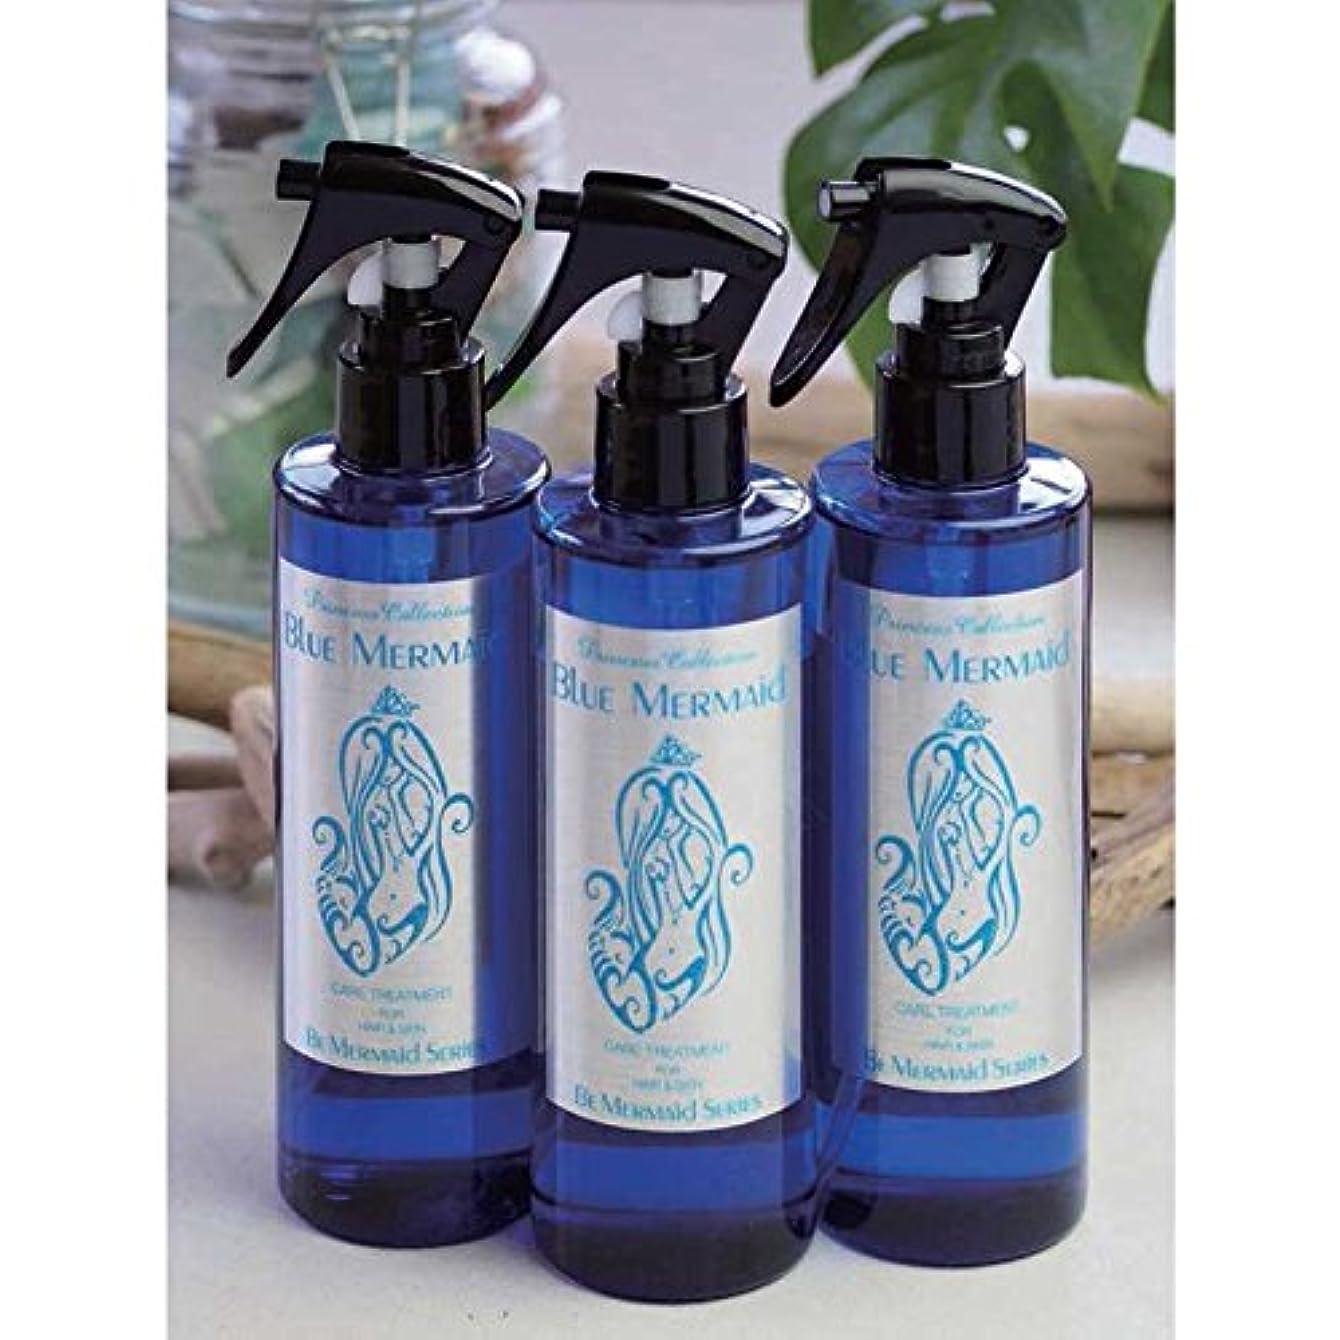 アクセサリー支配的曲CARE TREATMENT Blue Mermaid ブルー・マーメイド 保湿化粧水